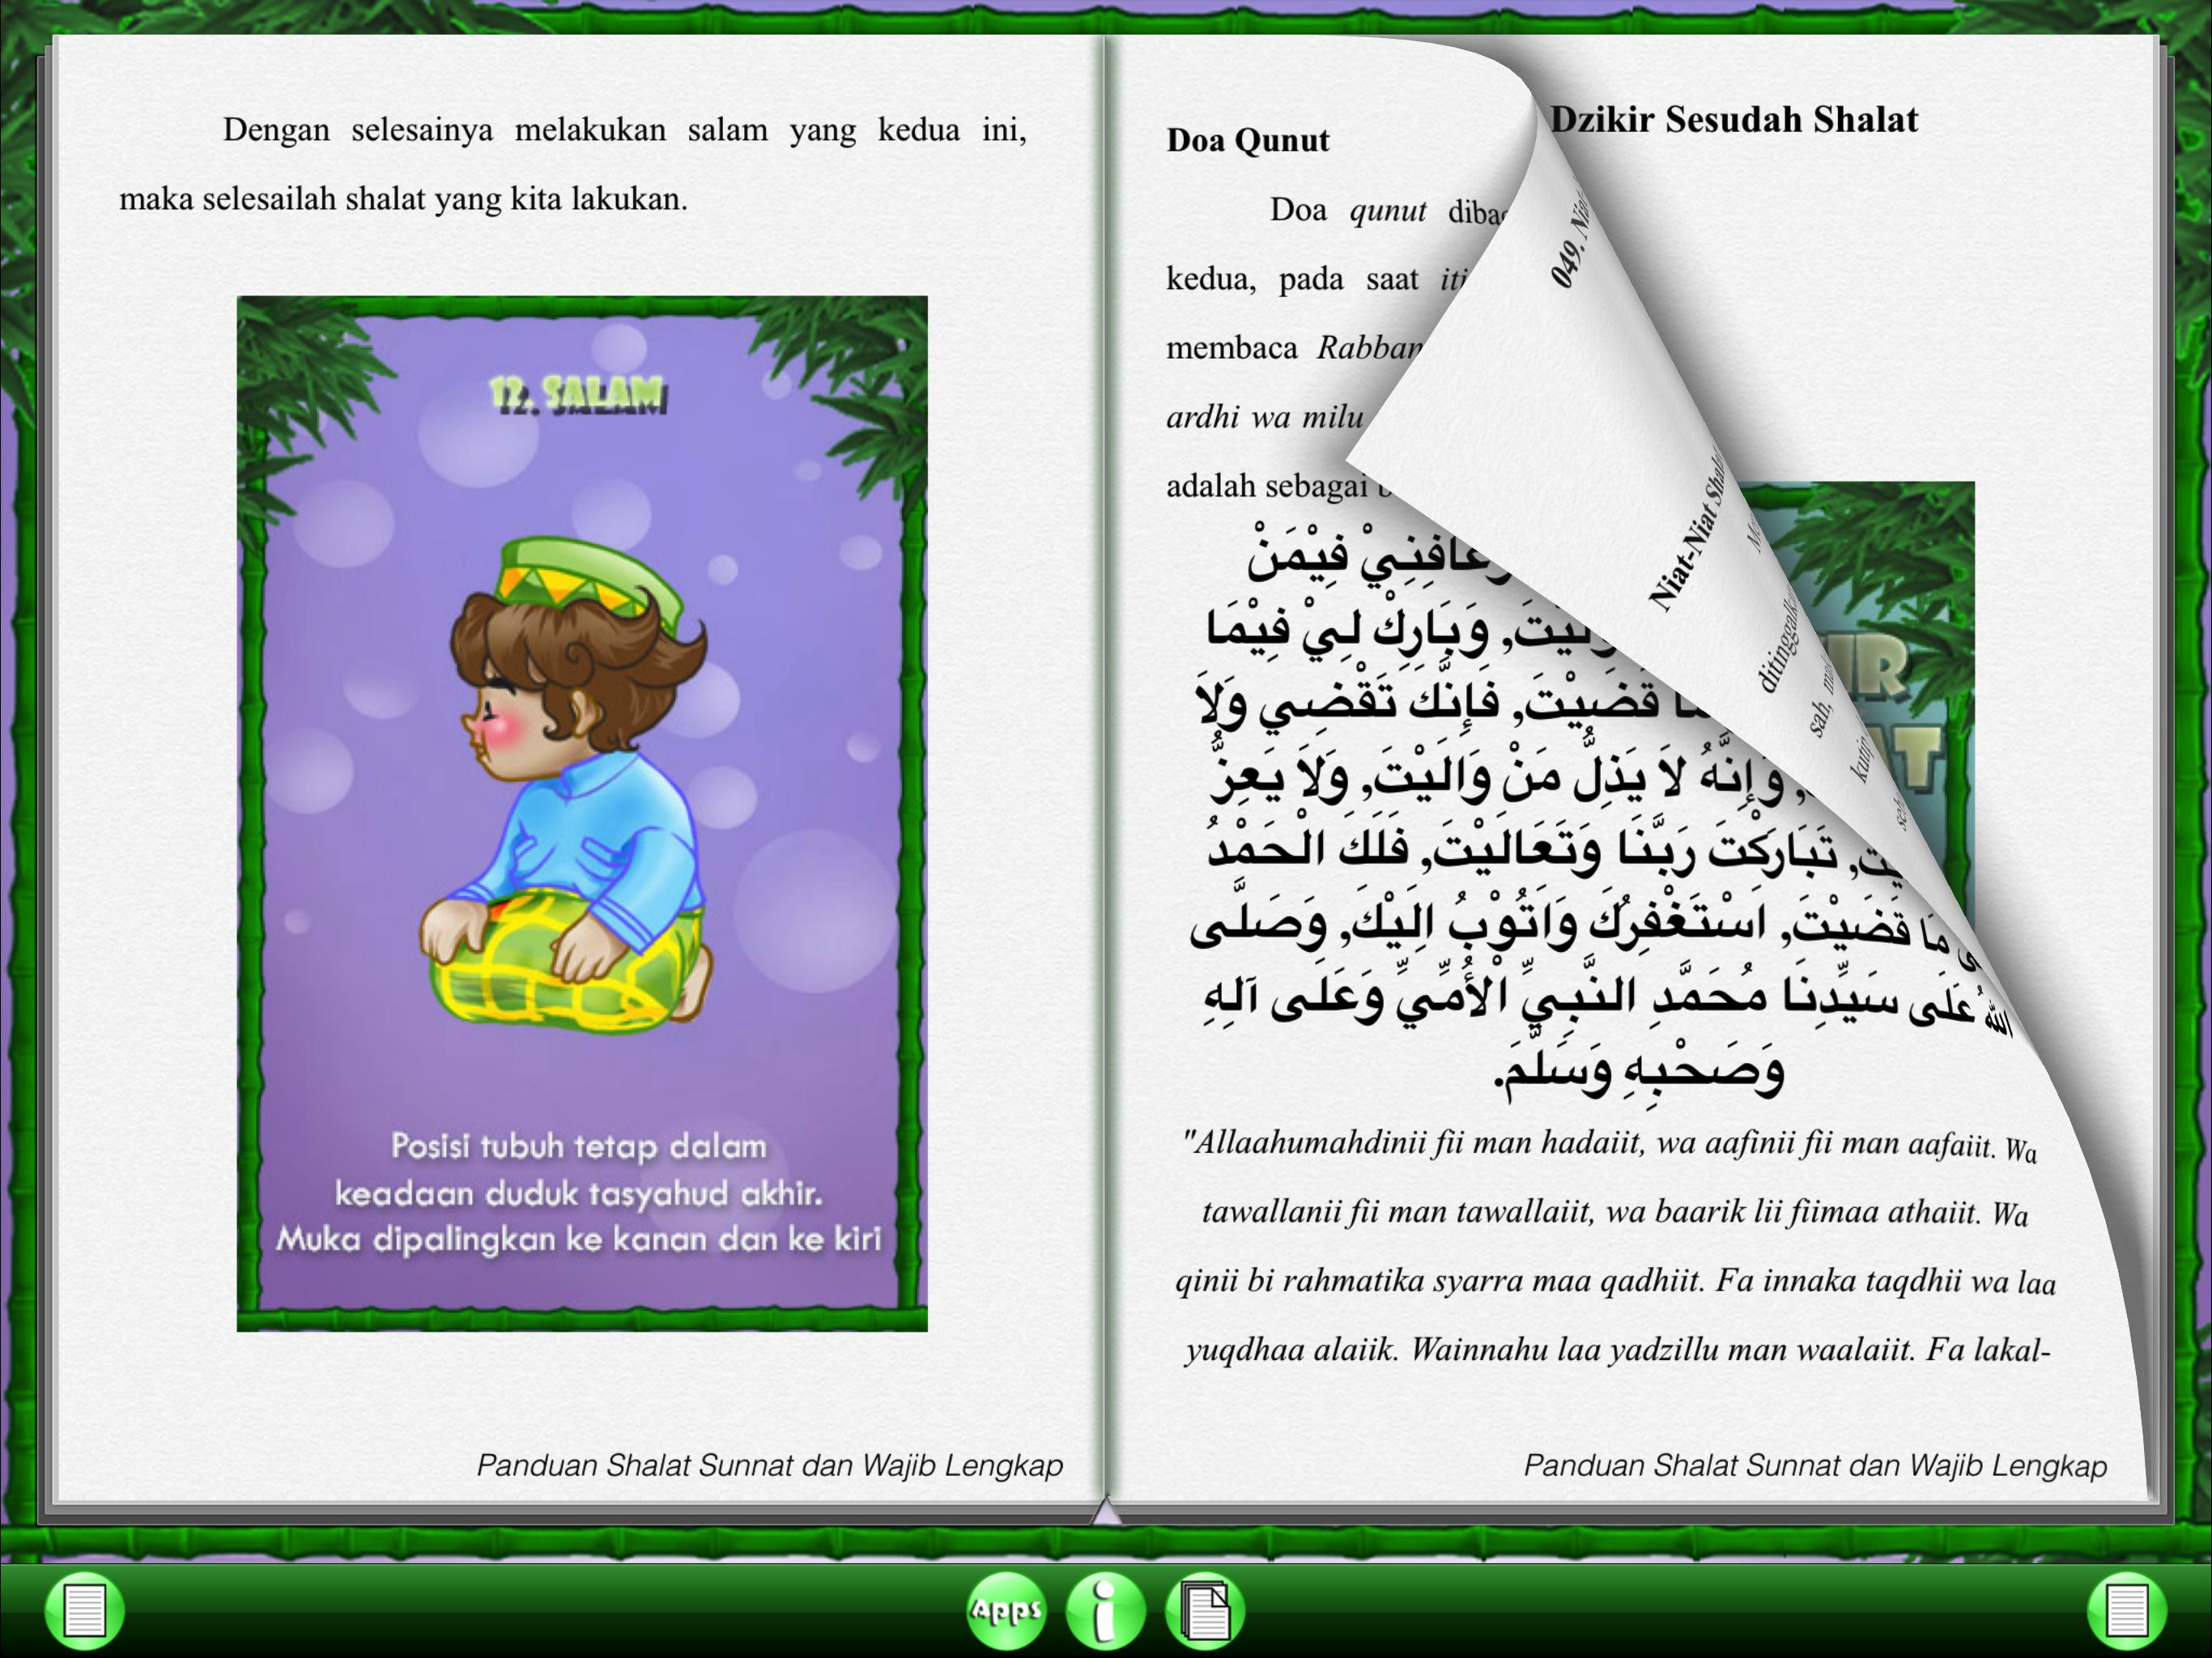 Panduan Shalat Sunnat & Wajib Screenshot